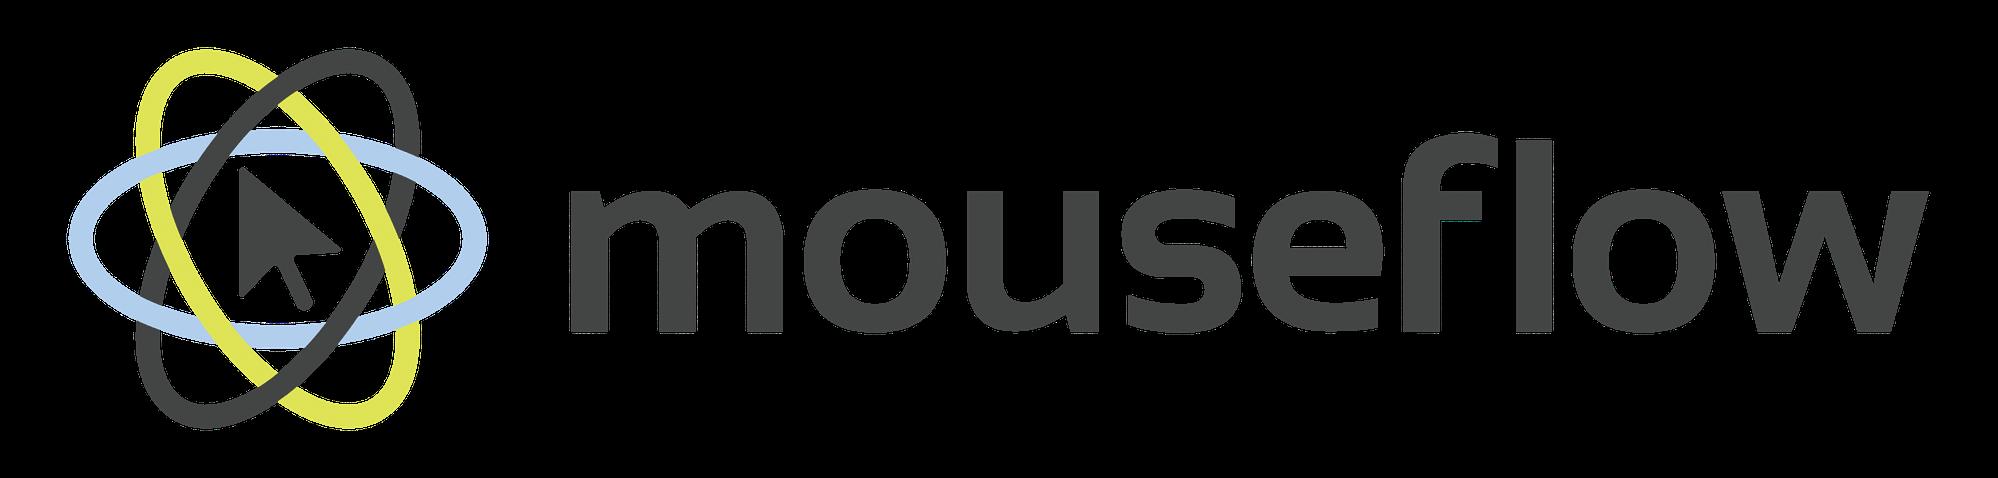 mouseflow logo 2